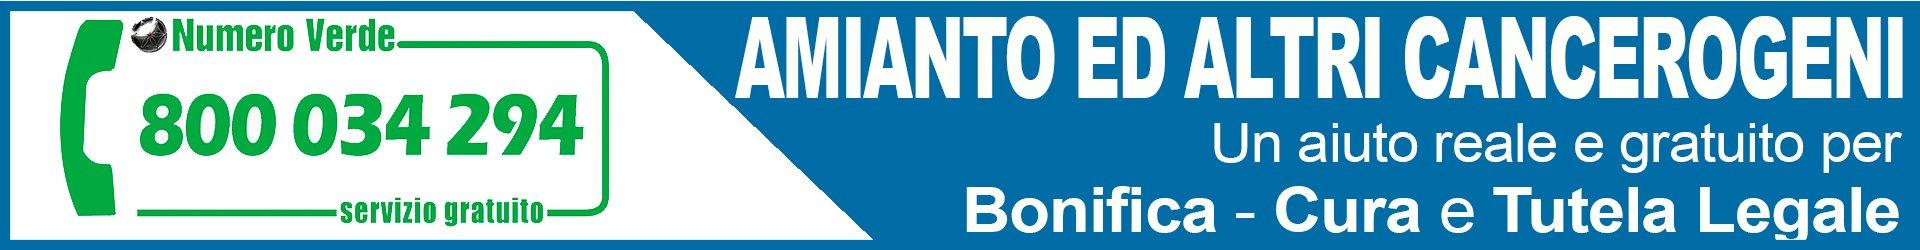 Osservatorio Nazionale Amianto Molise